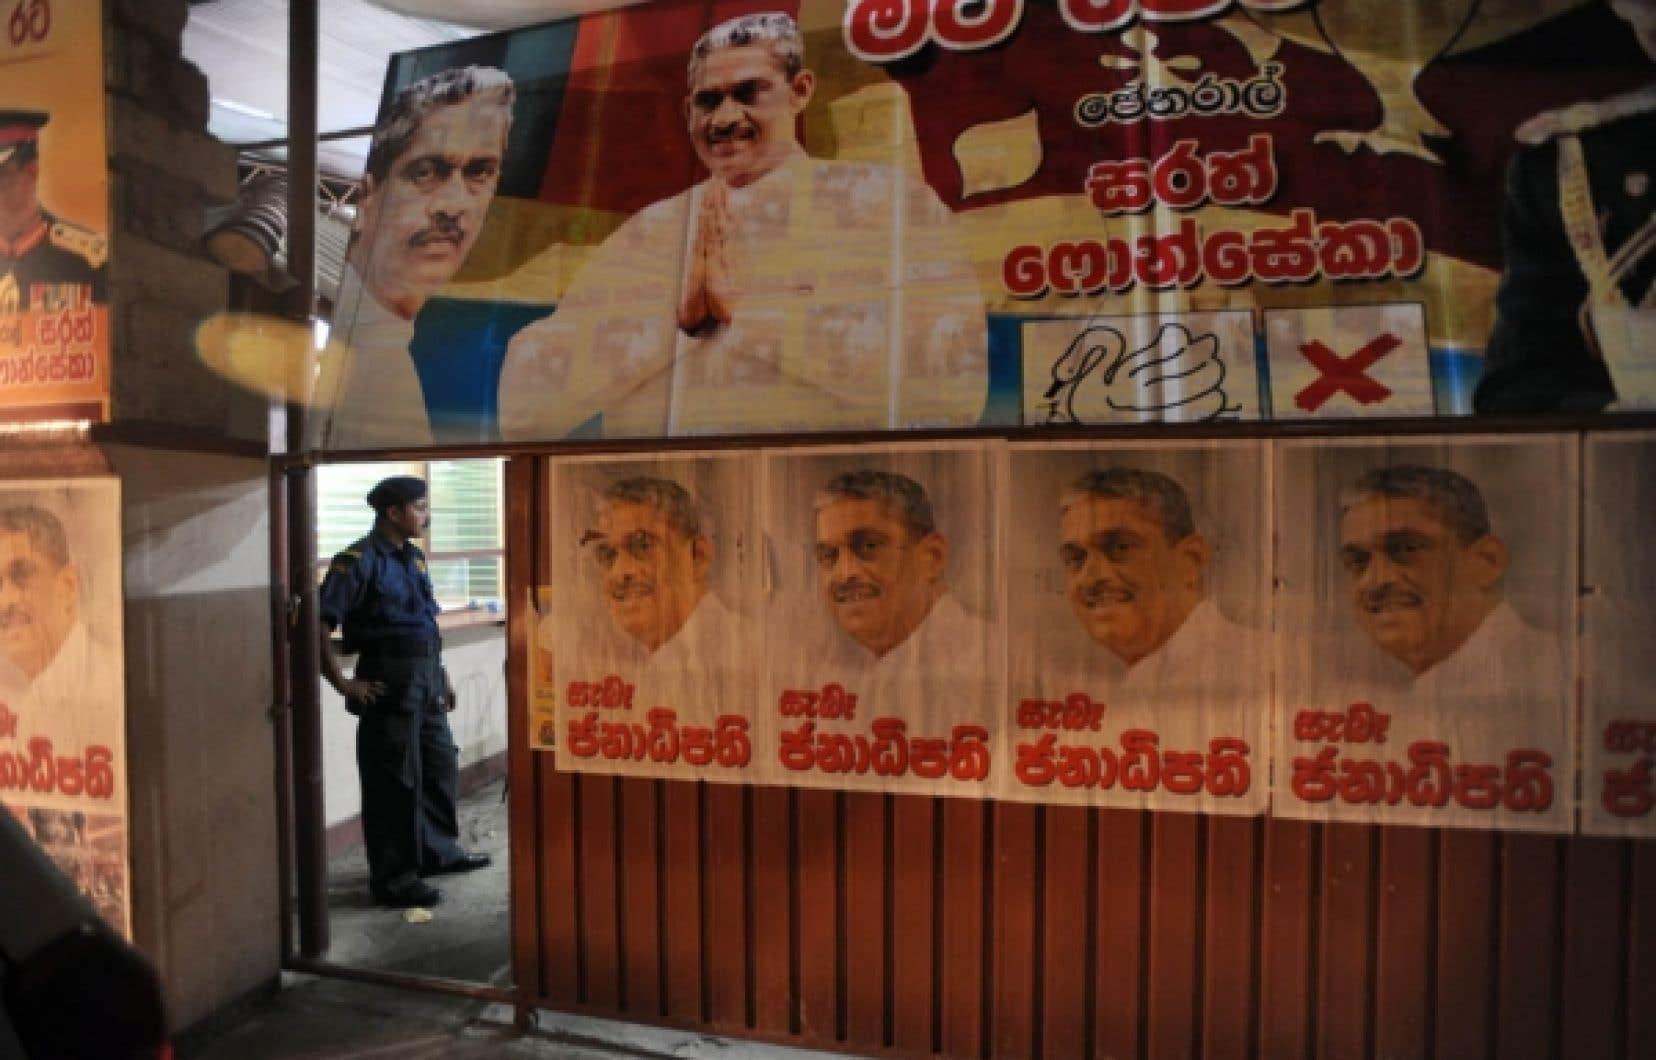 La police militaire a fait irruption hier dans les bureaux du Parti de la libération du peuple de Sarath Fonseka.